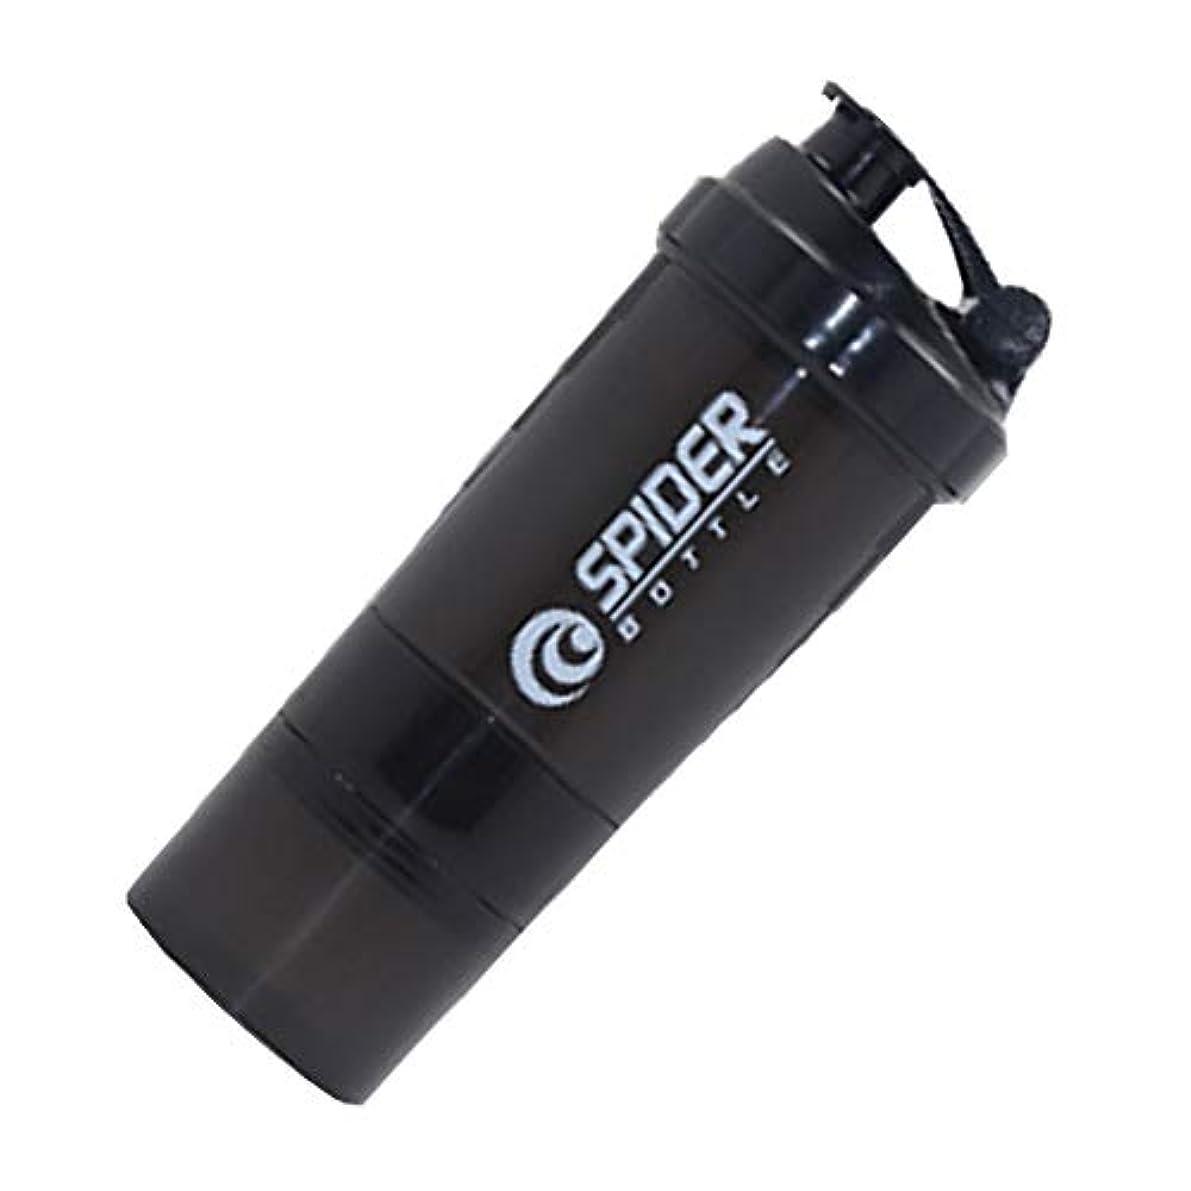 処理ローズ飛ぶCangad プロテインシェーカー ブレンダーボトル 3層ハンディー式 タンパク質パウダーミキサーボルト 500-600ML 栄養錠剤ビタミン入れ ダイエットドリンク用 (ブラック)